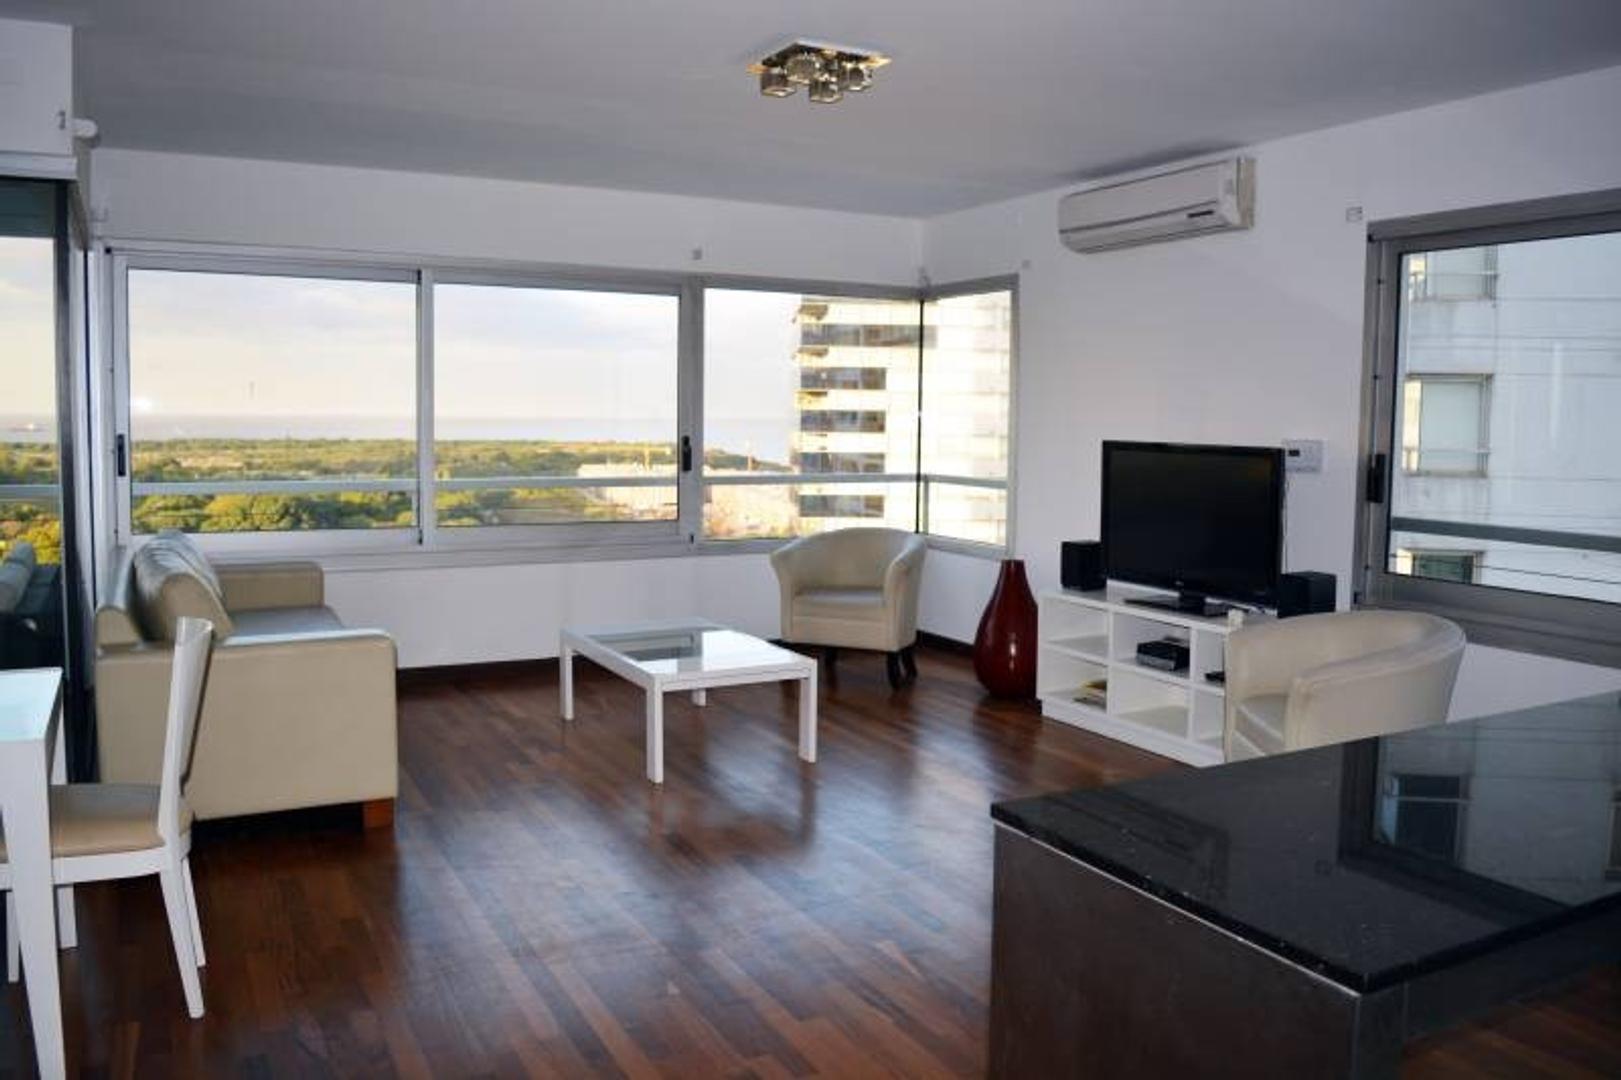 Departamento en Alquiler en Puerto Madero - 3 ambientes